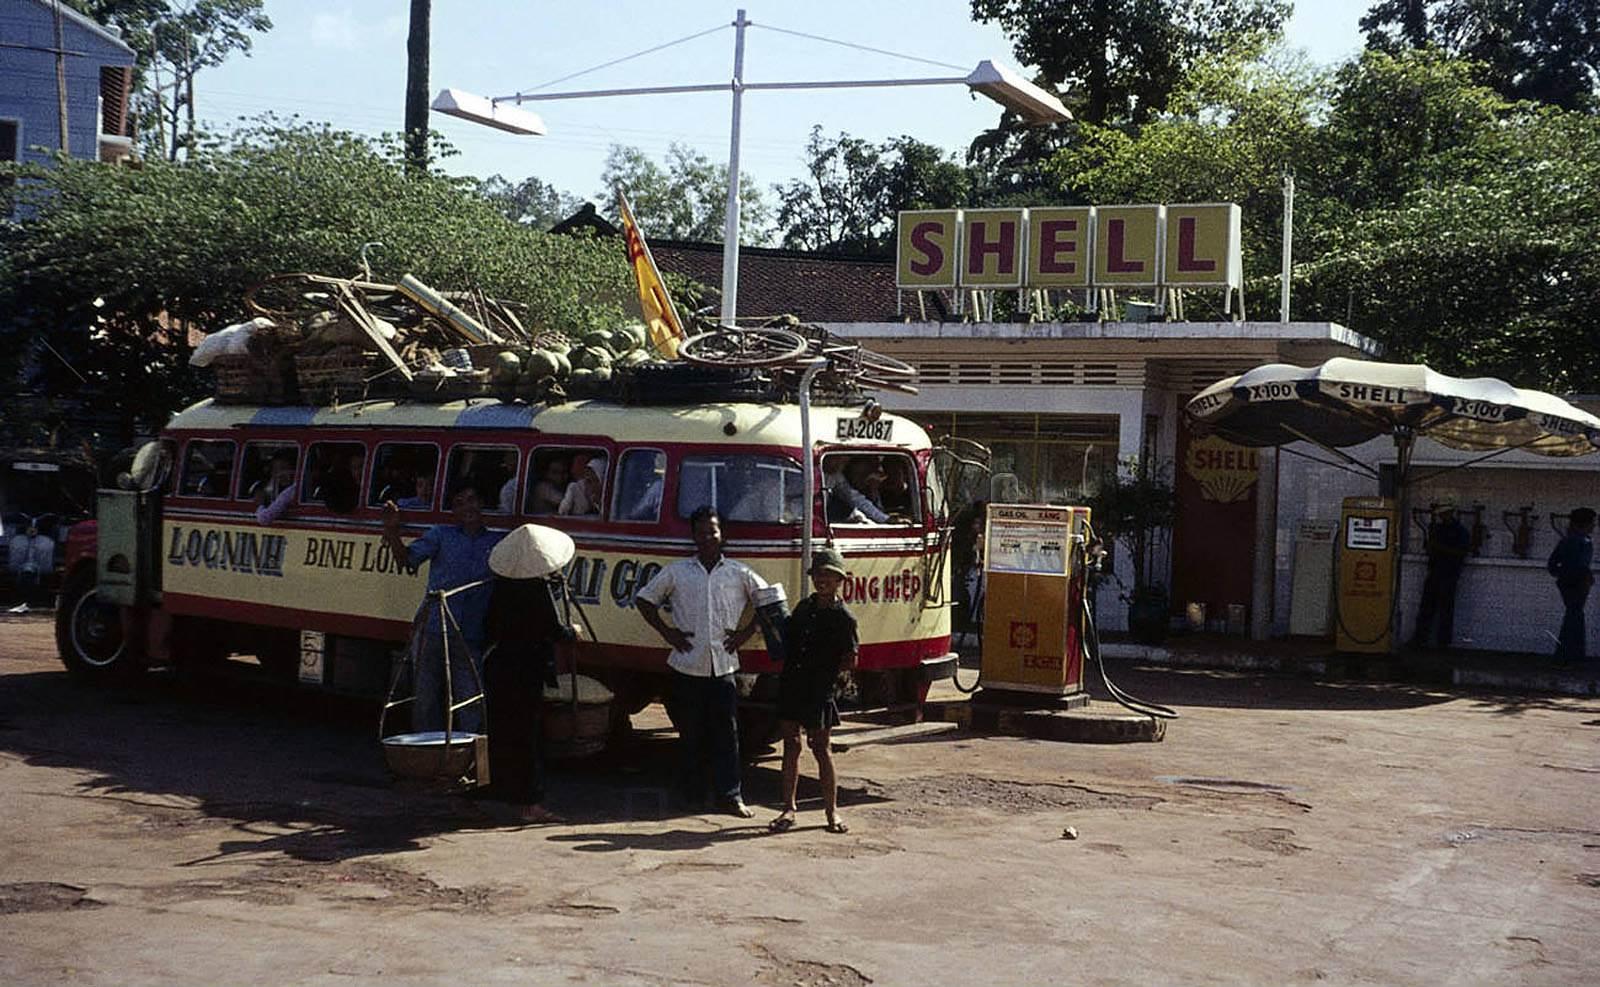 Saigon 1963 - Xe đò Lộc Ninh - Bình Long - Saigon đang dừng đổ xăng